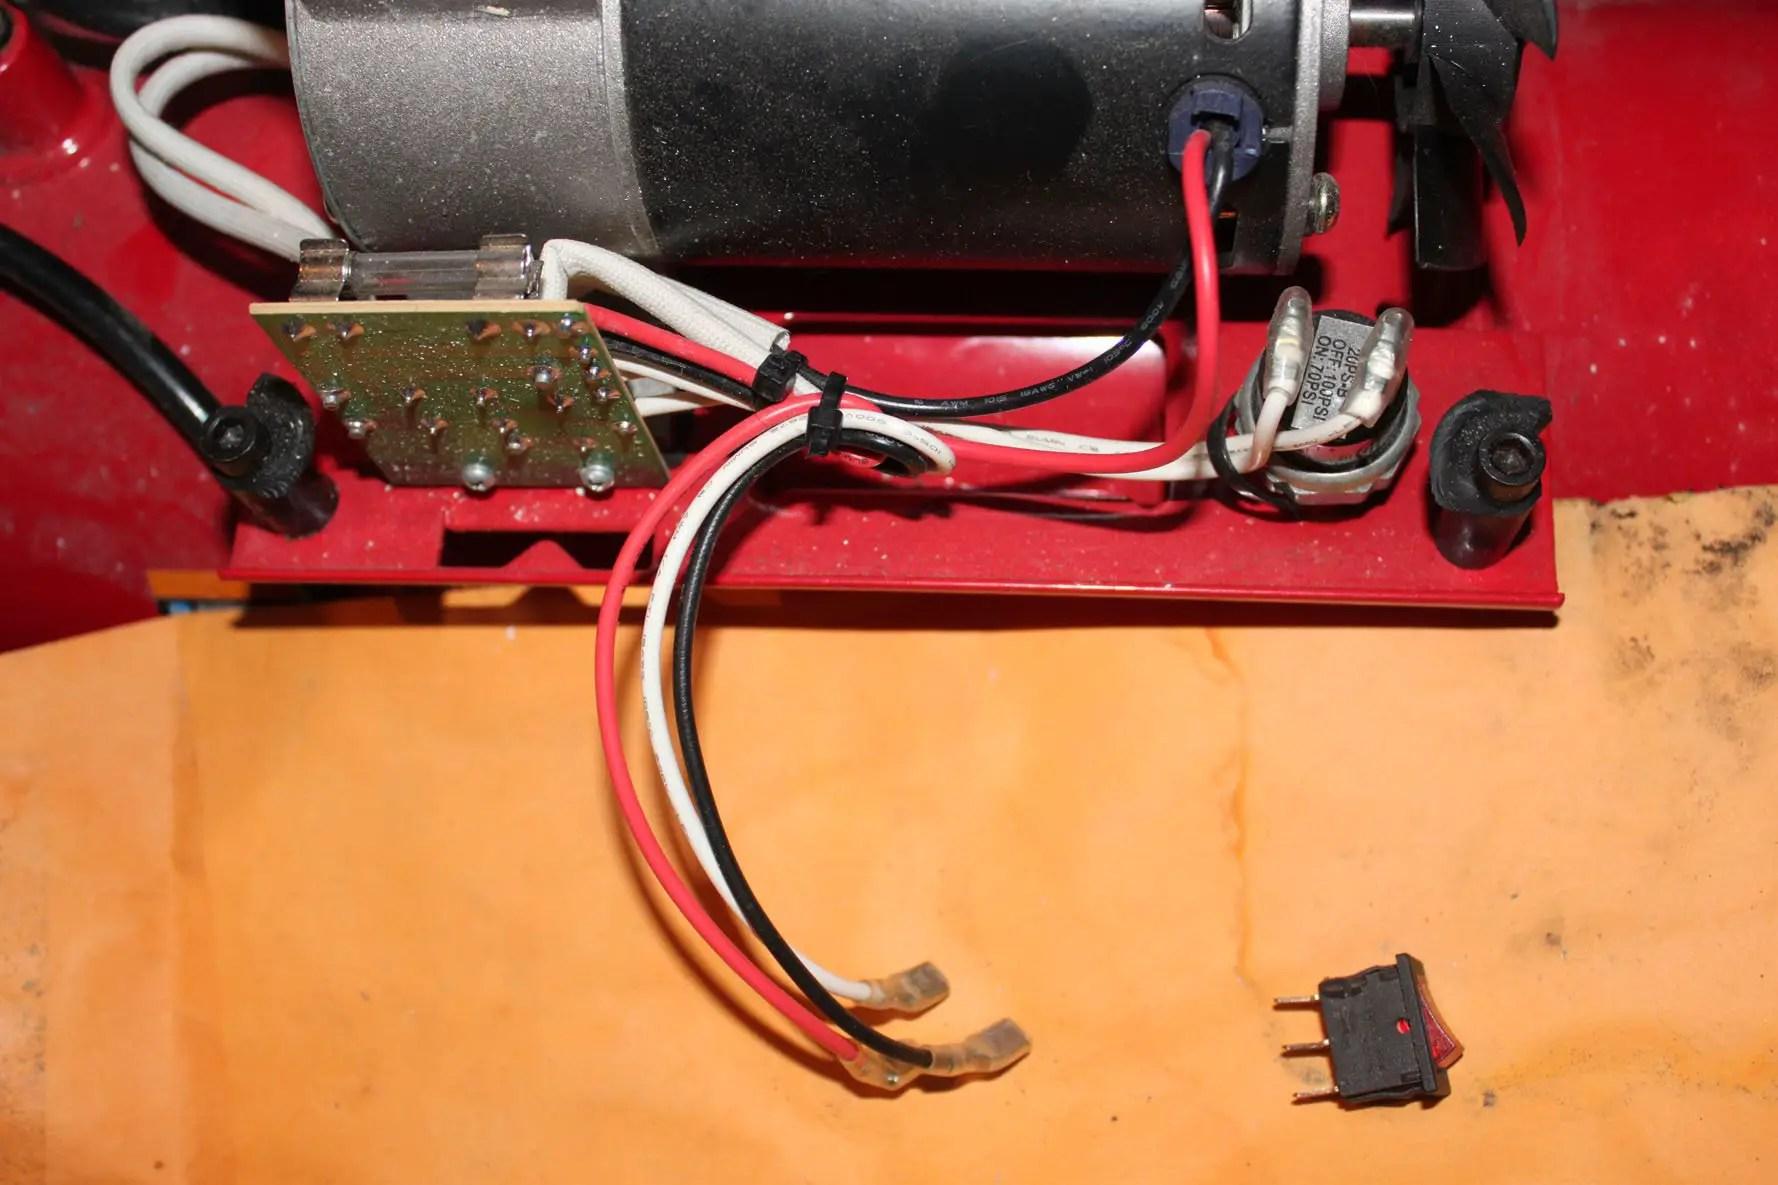 Coleman Air Compressor Wiring Diagram Coleman Air Compressor